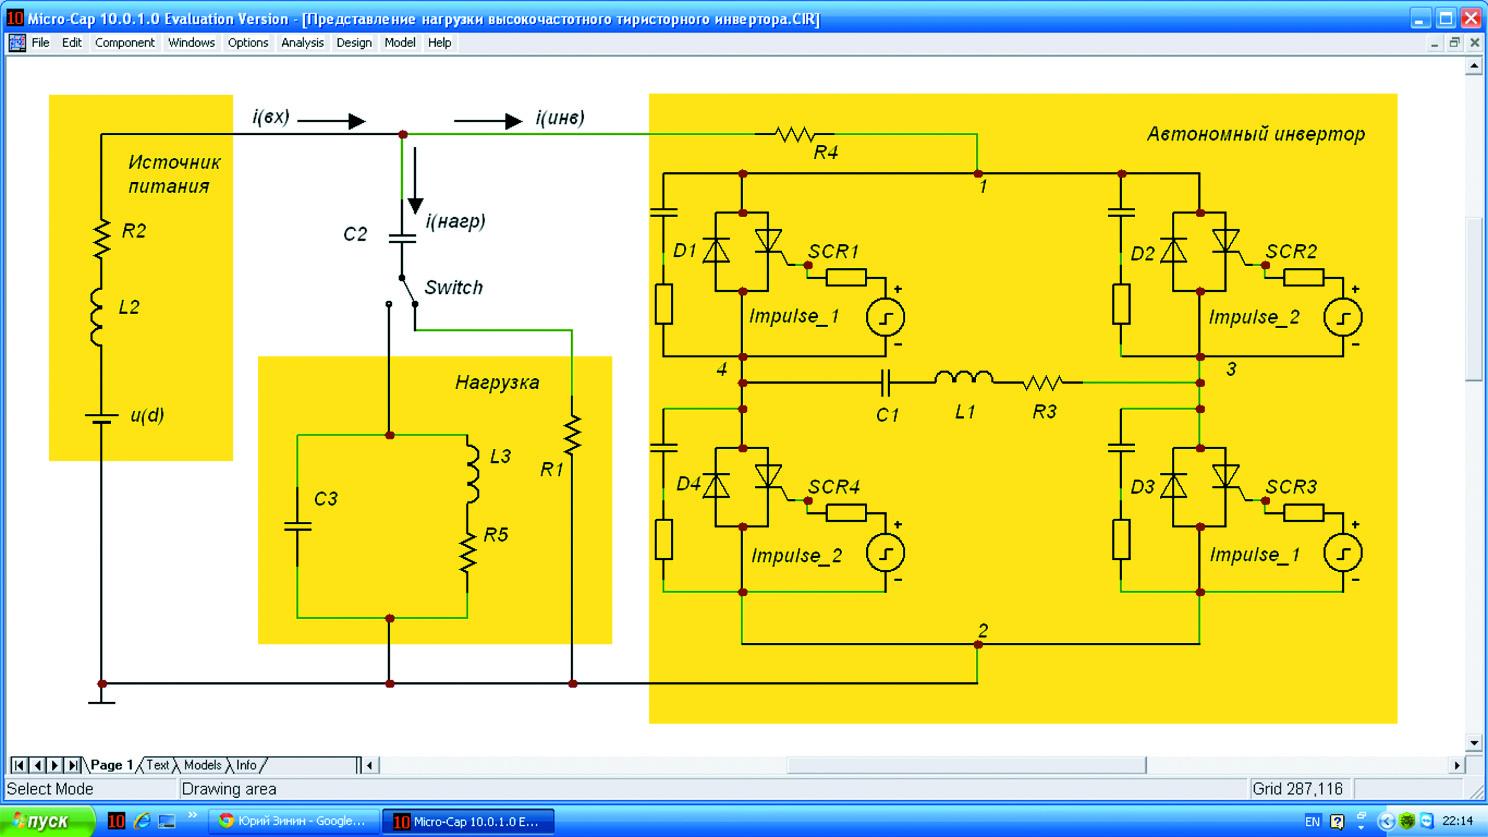 Схемотехническая модель автономного тиристорного инвертора с источником питания и вариантами подключения колебательной и эквивалентной нагрузки через анимированный переключатель